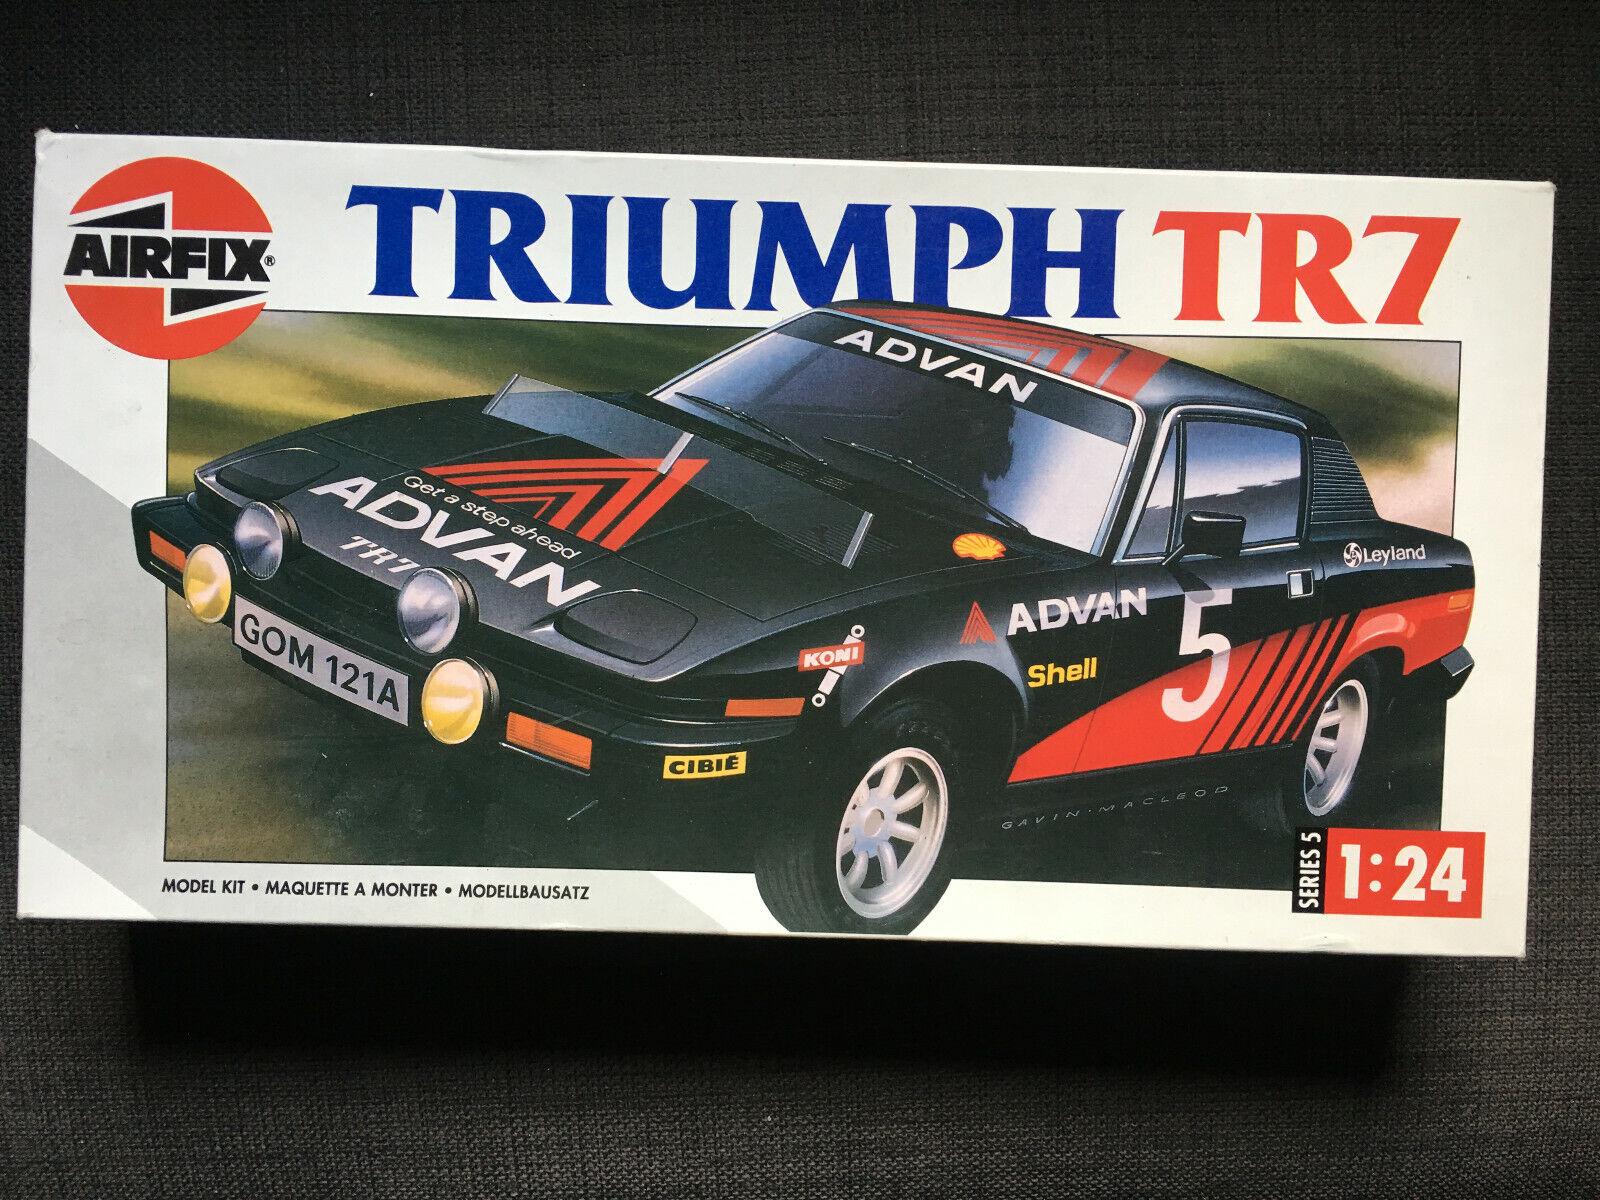 Rare Vintage (1992) Airfix 1 24 Triumph TR7 plastic scale model car kit + extras